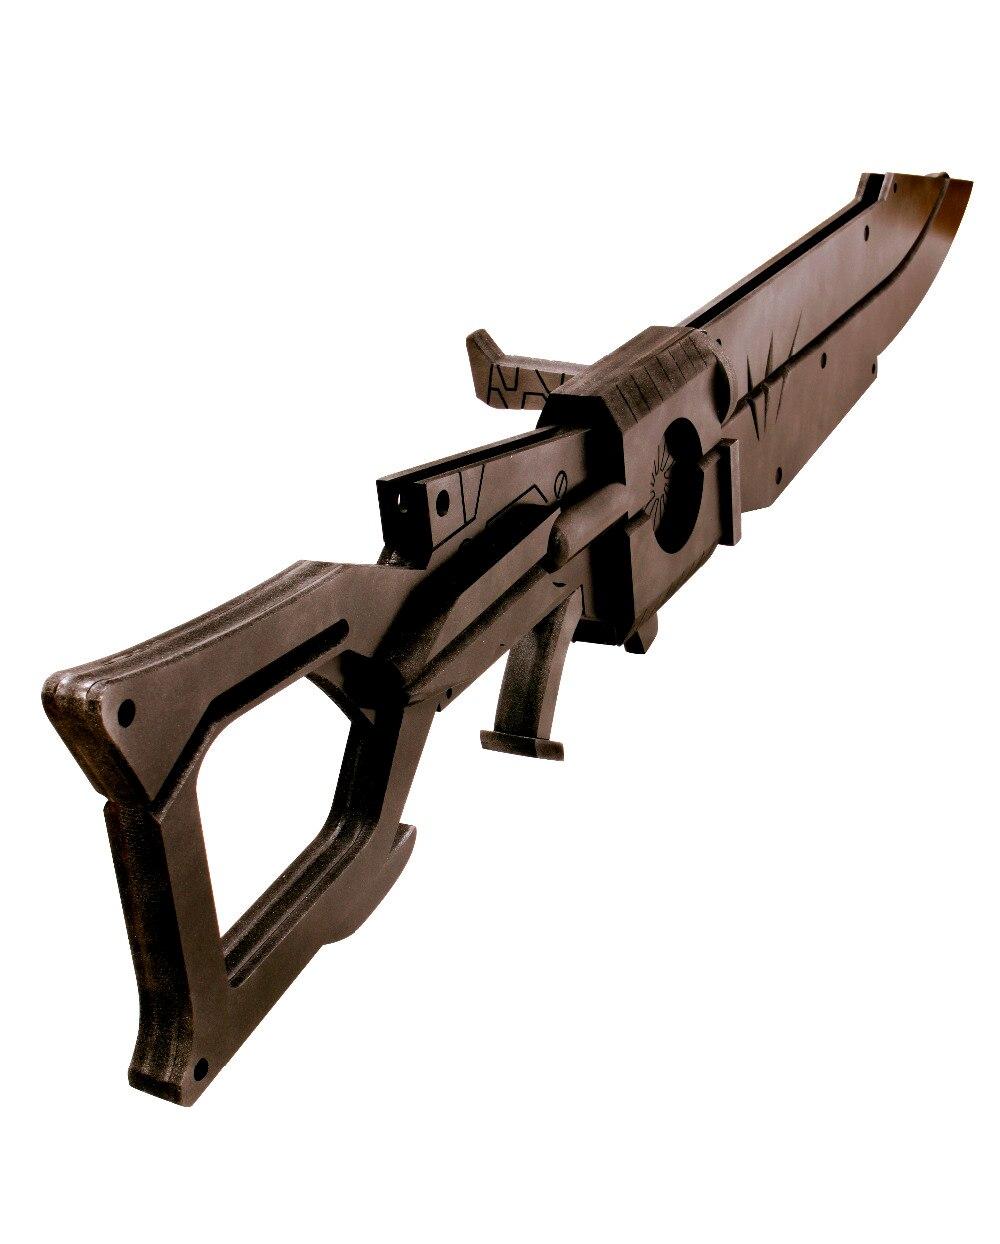 Akame Ga Kill Cosplay Mine Teigu Römischen Artillerie Kürbis In